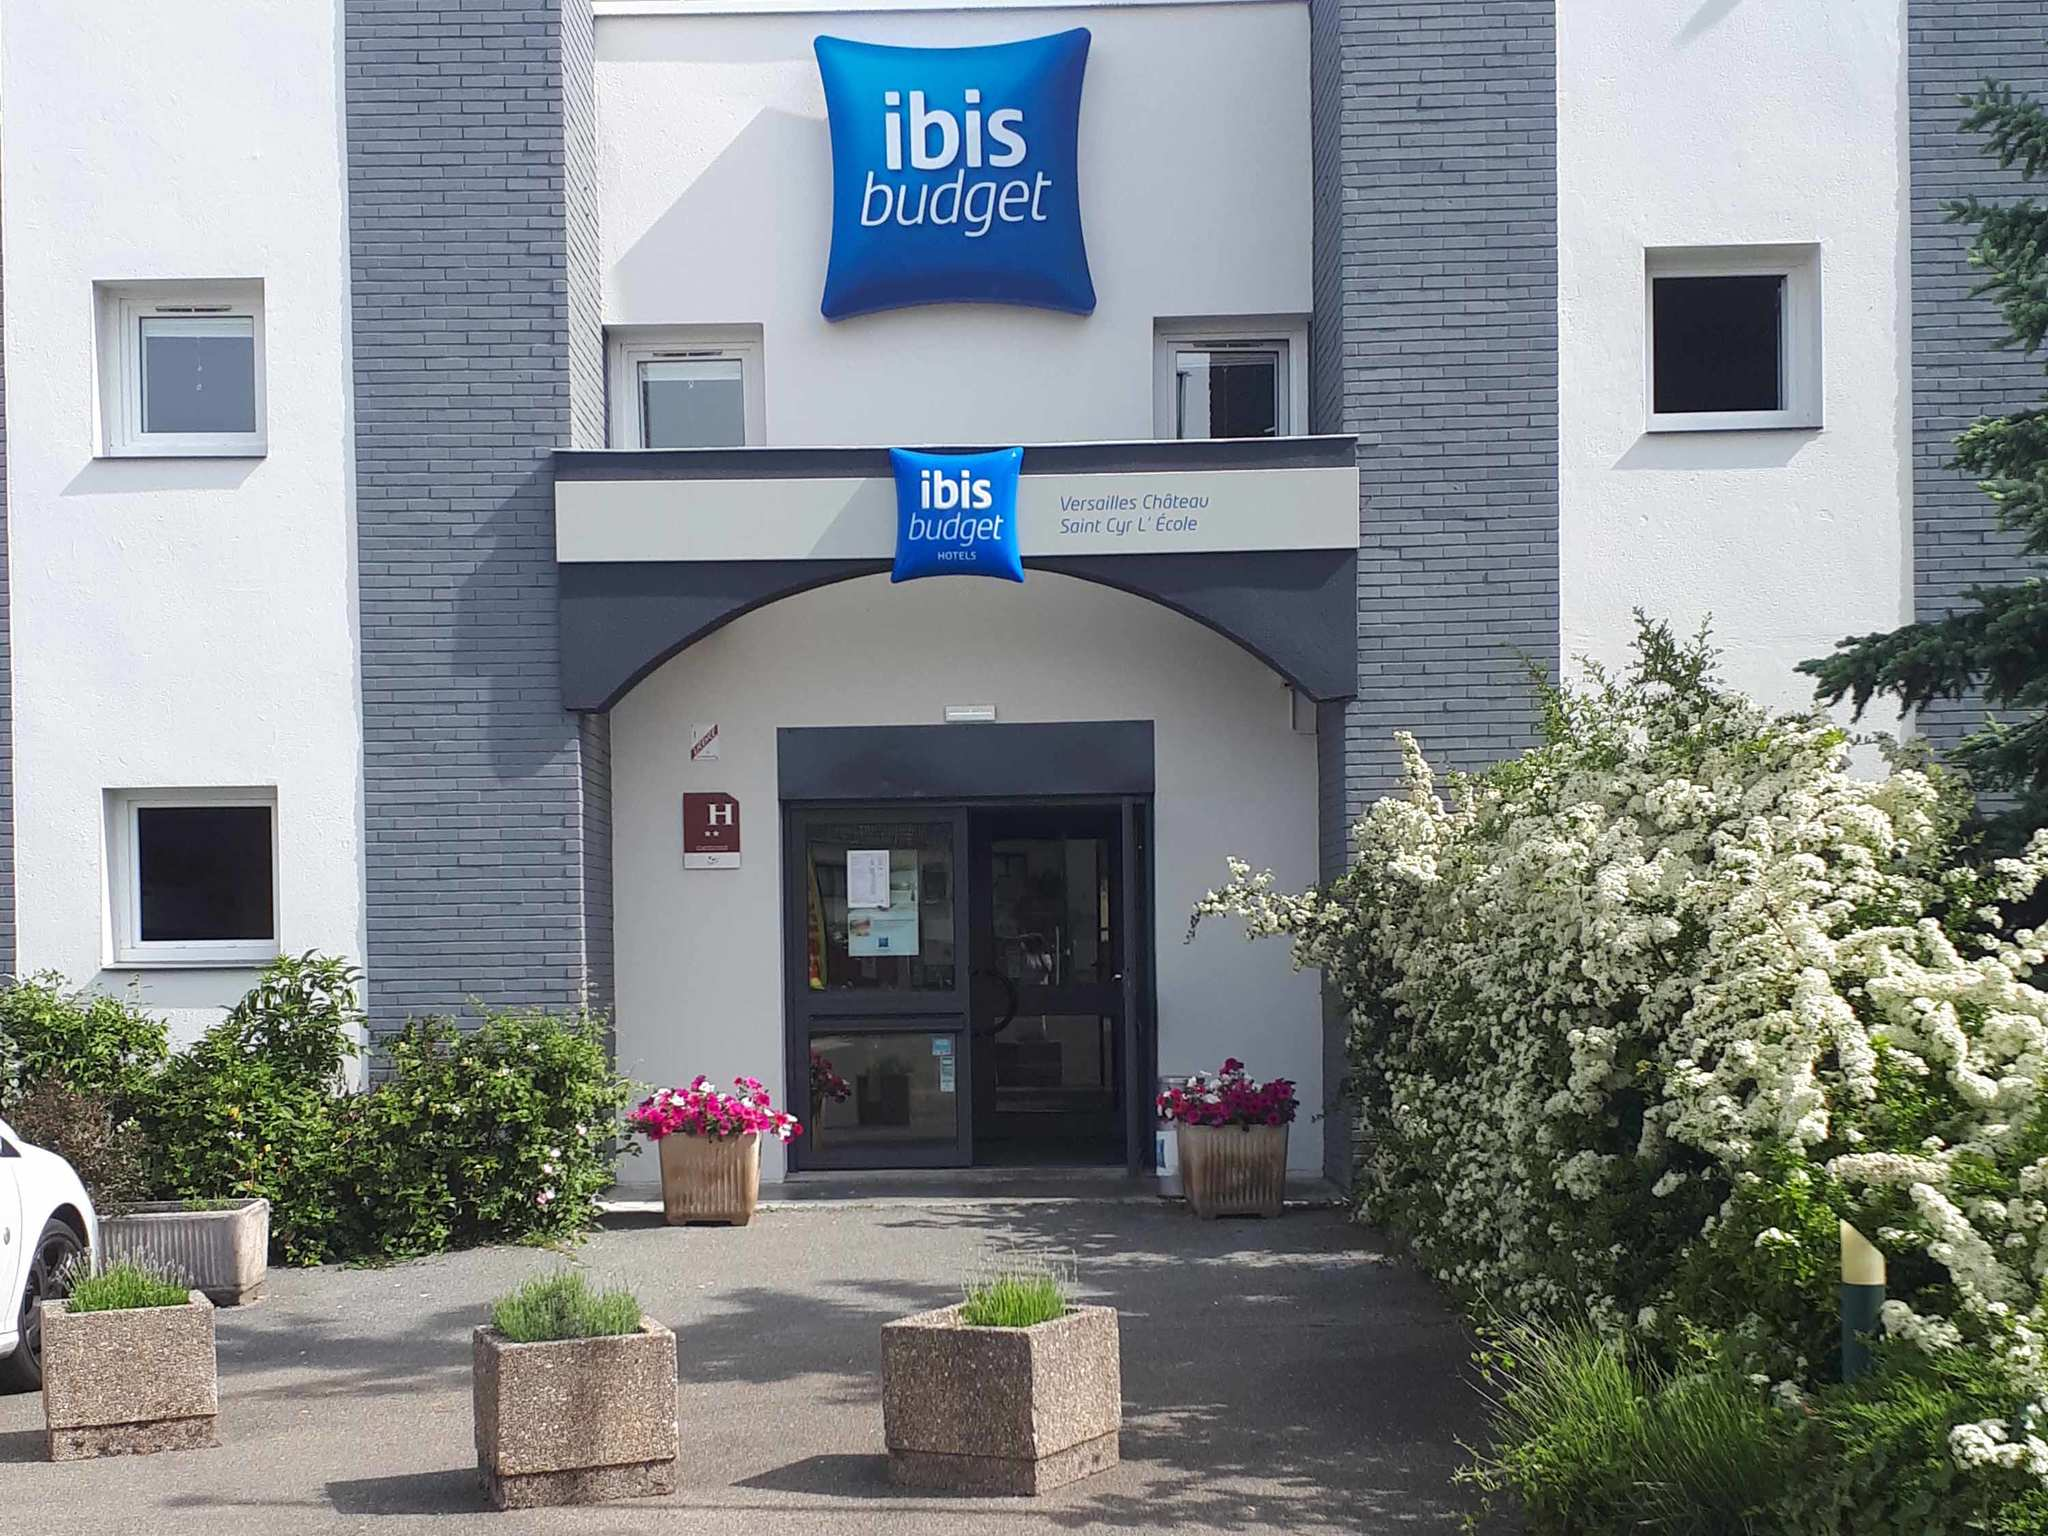 Hotel – ibis budget Versailles Château Saint Cyr